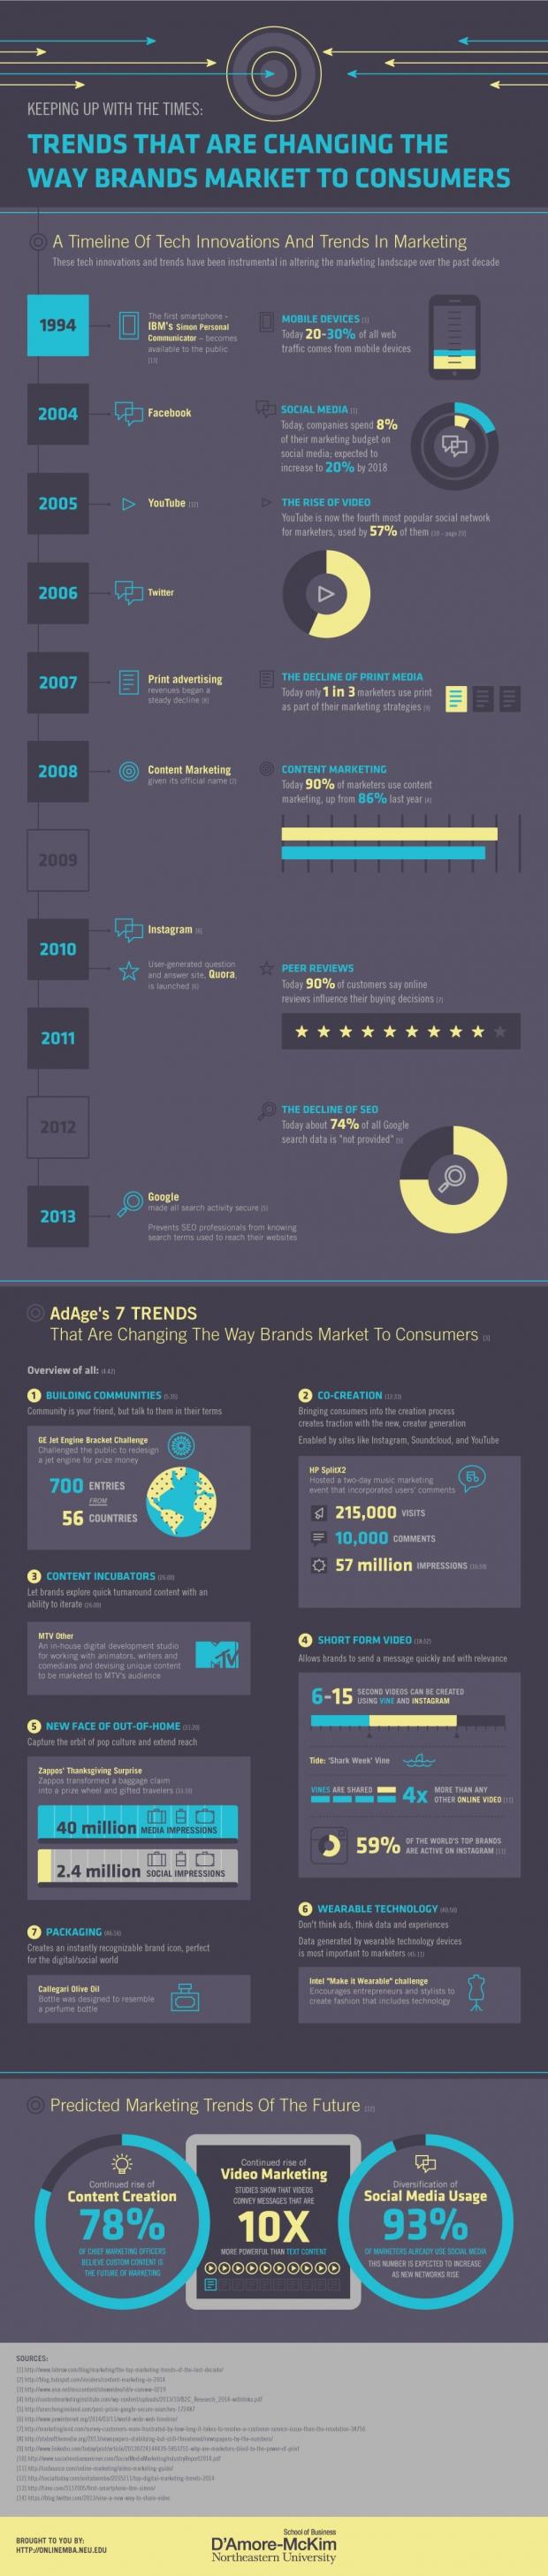 Trends-Brands-Market-Consumers